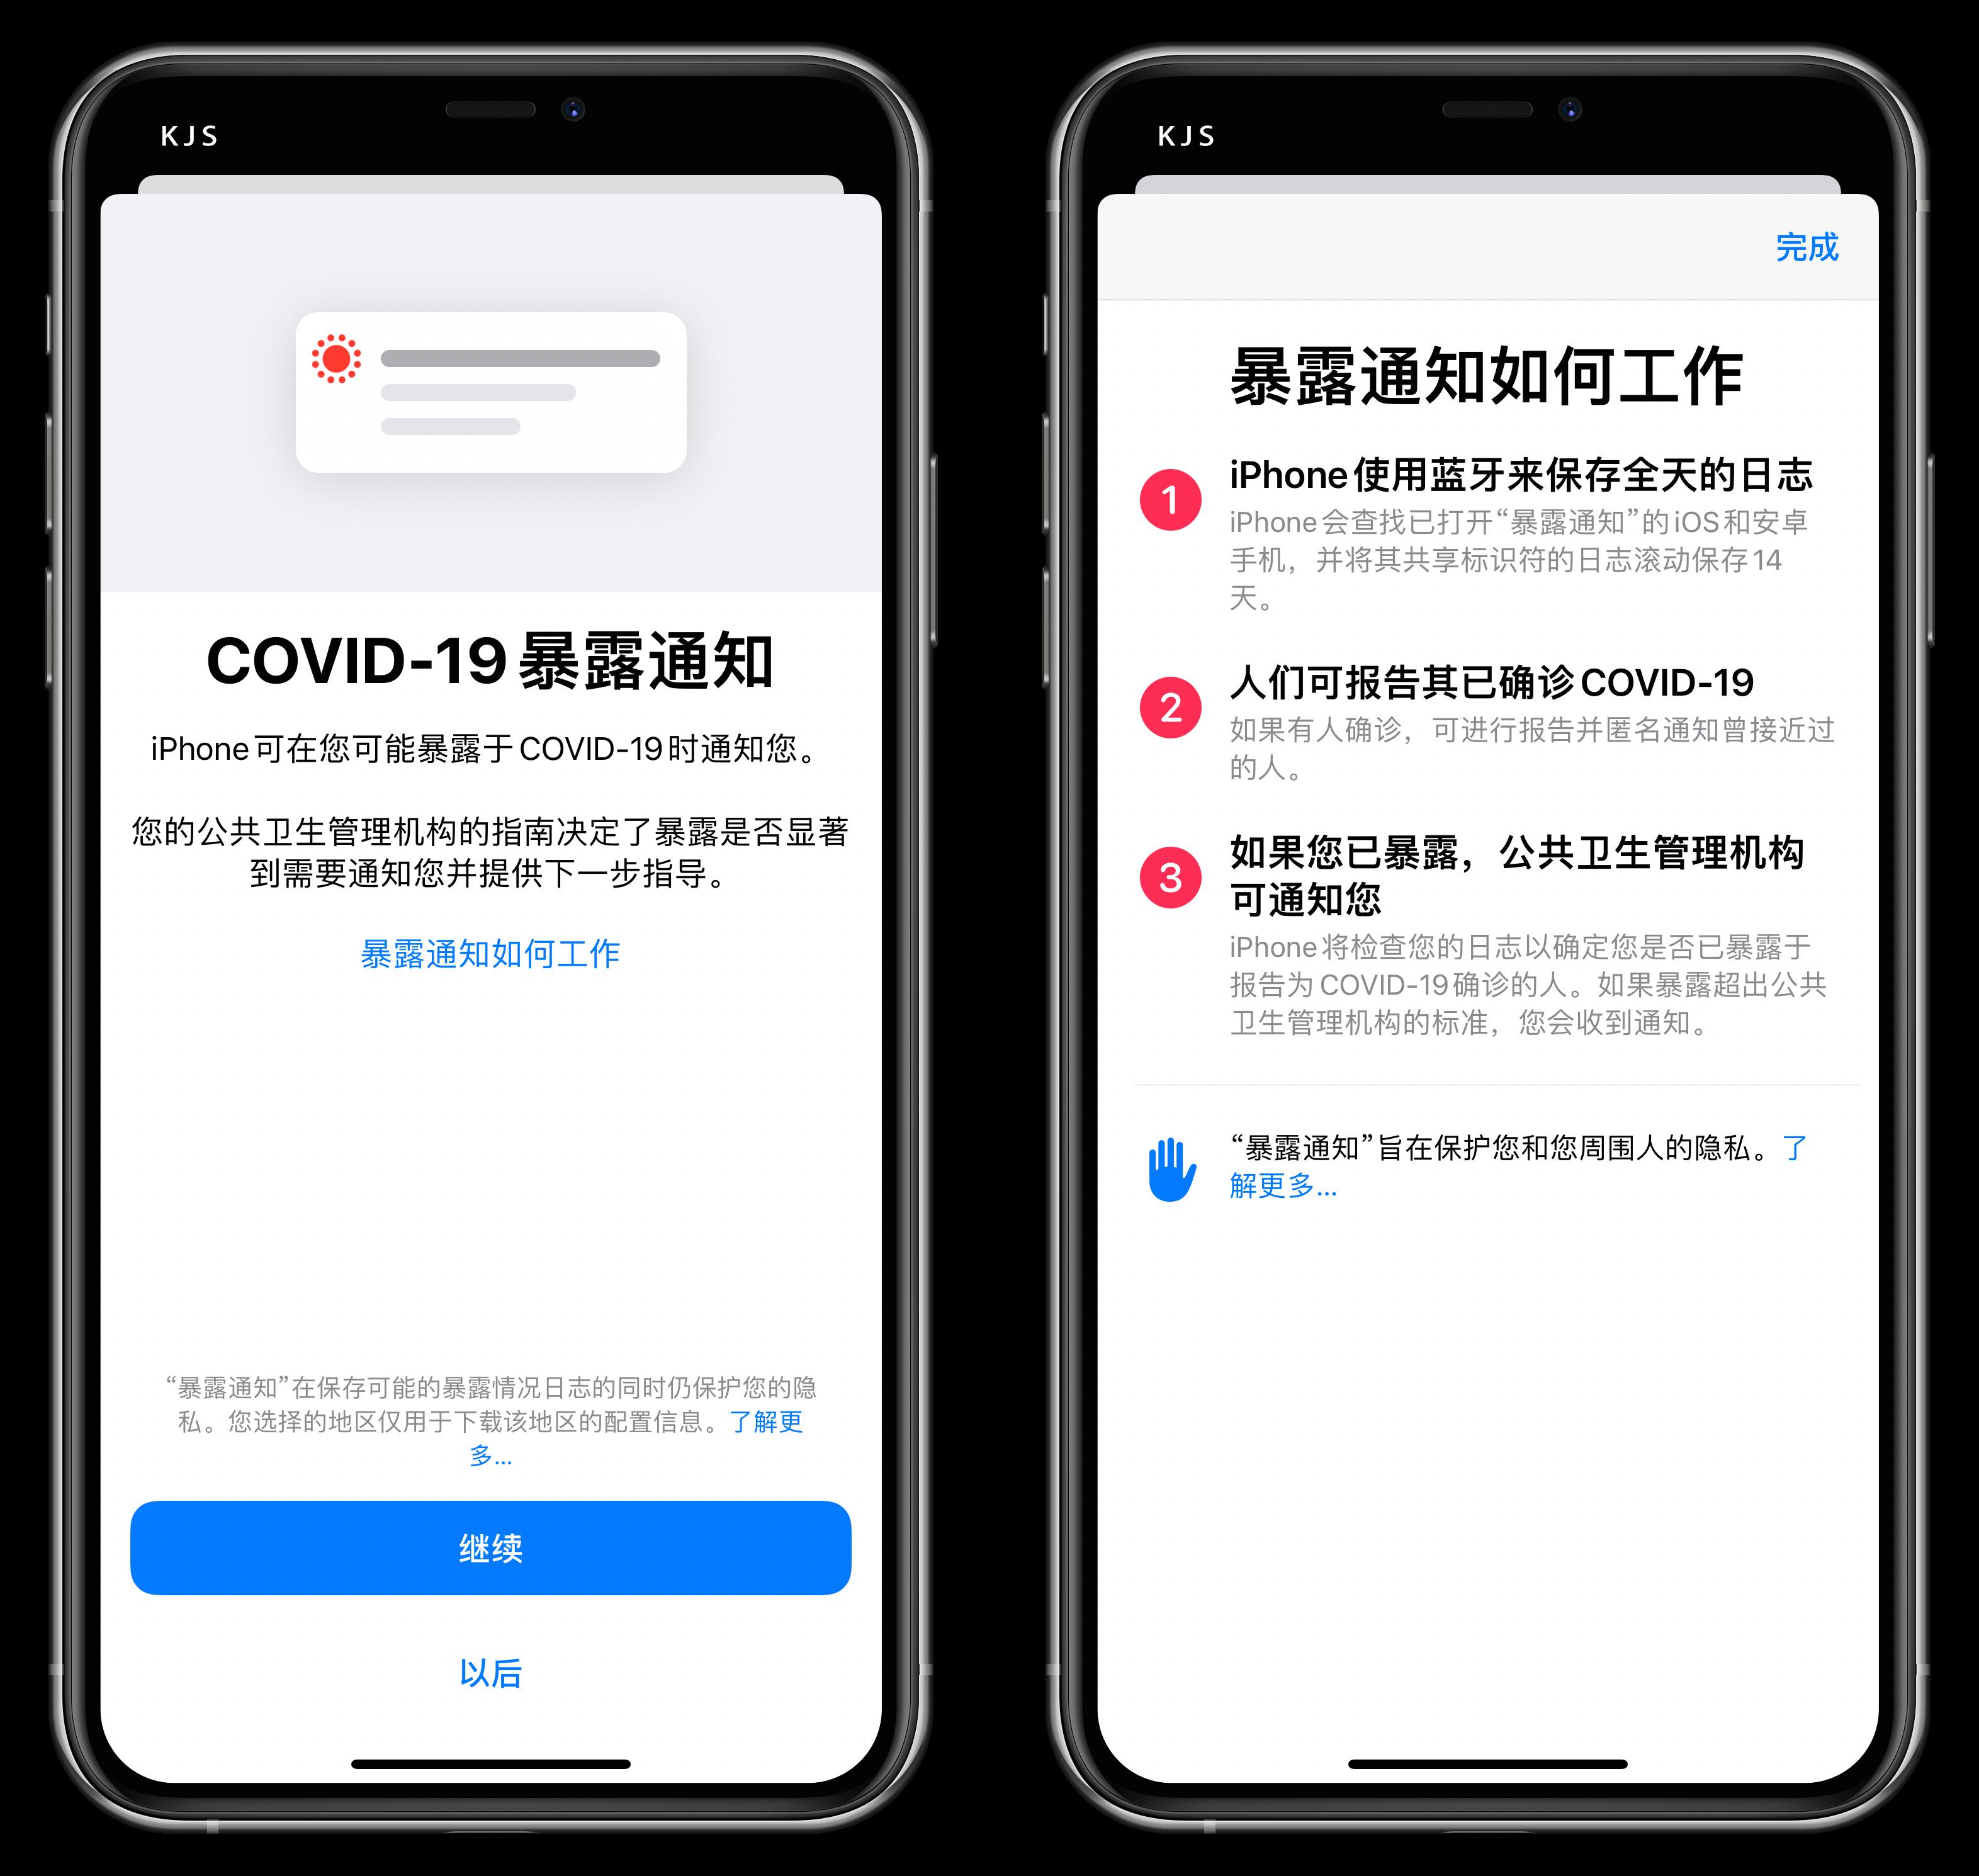 iOS13.7能启用暴露通知了,功能详解与开启教程